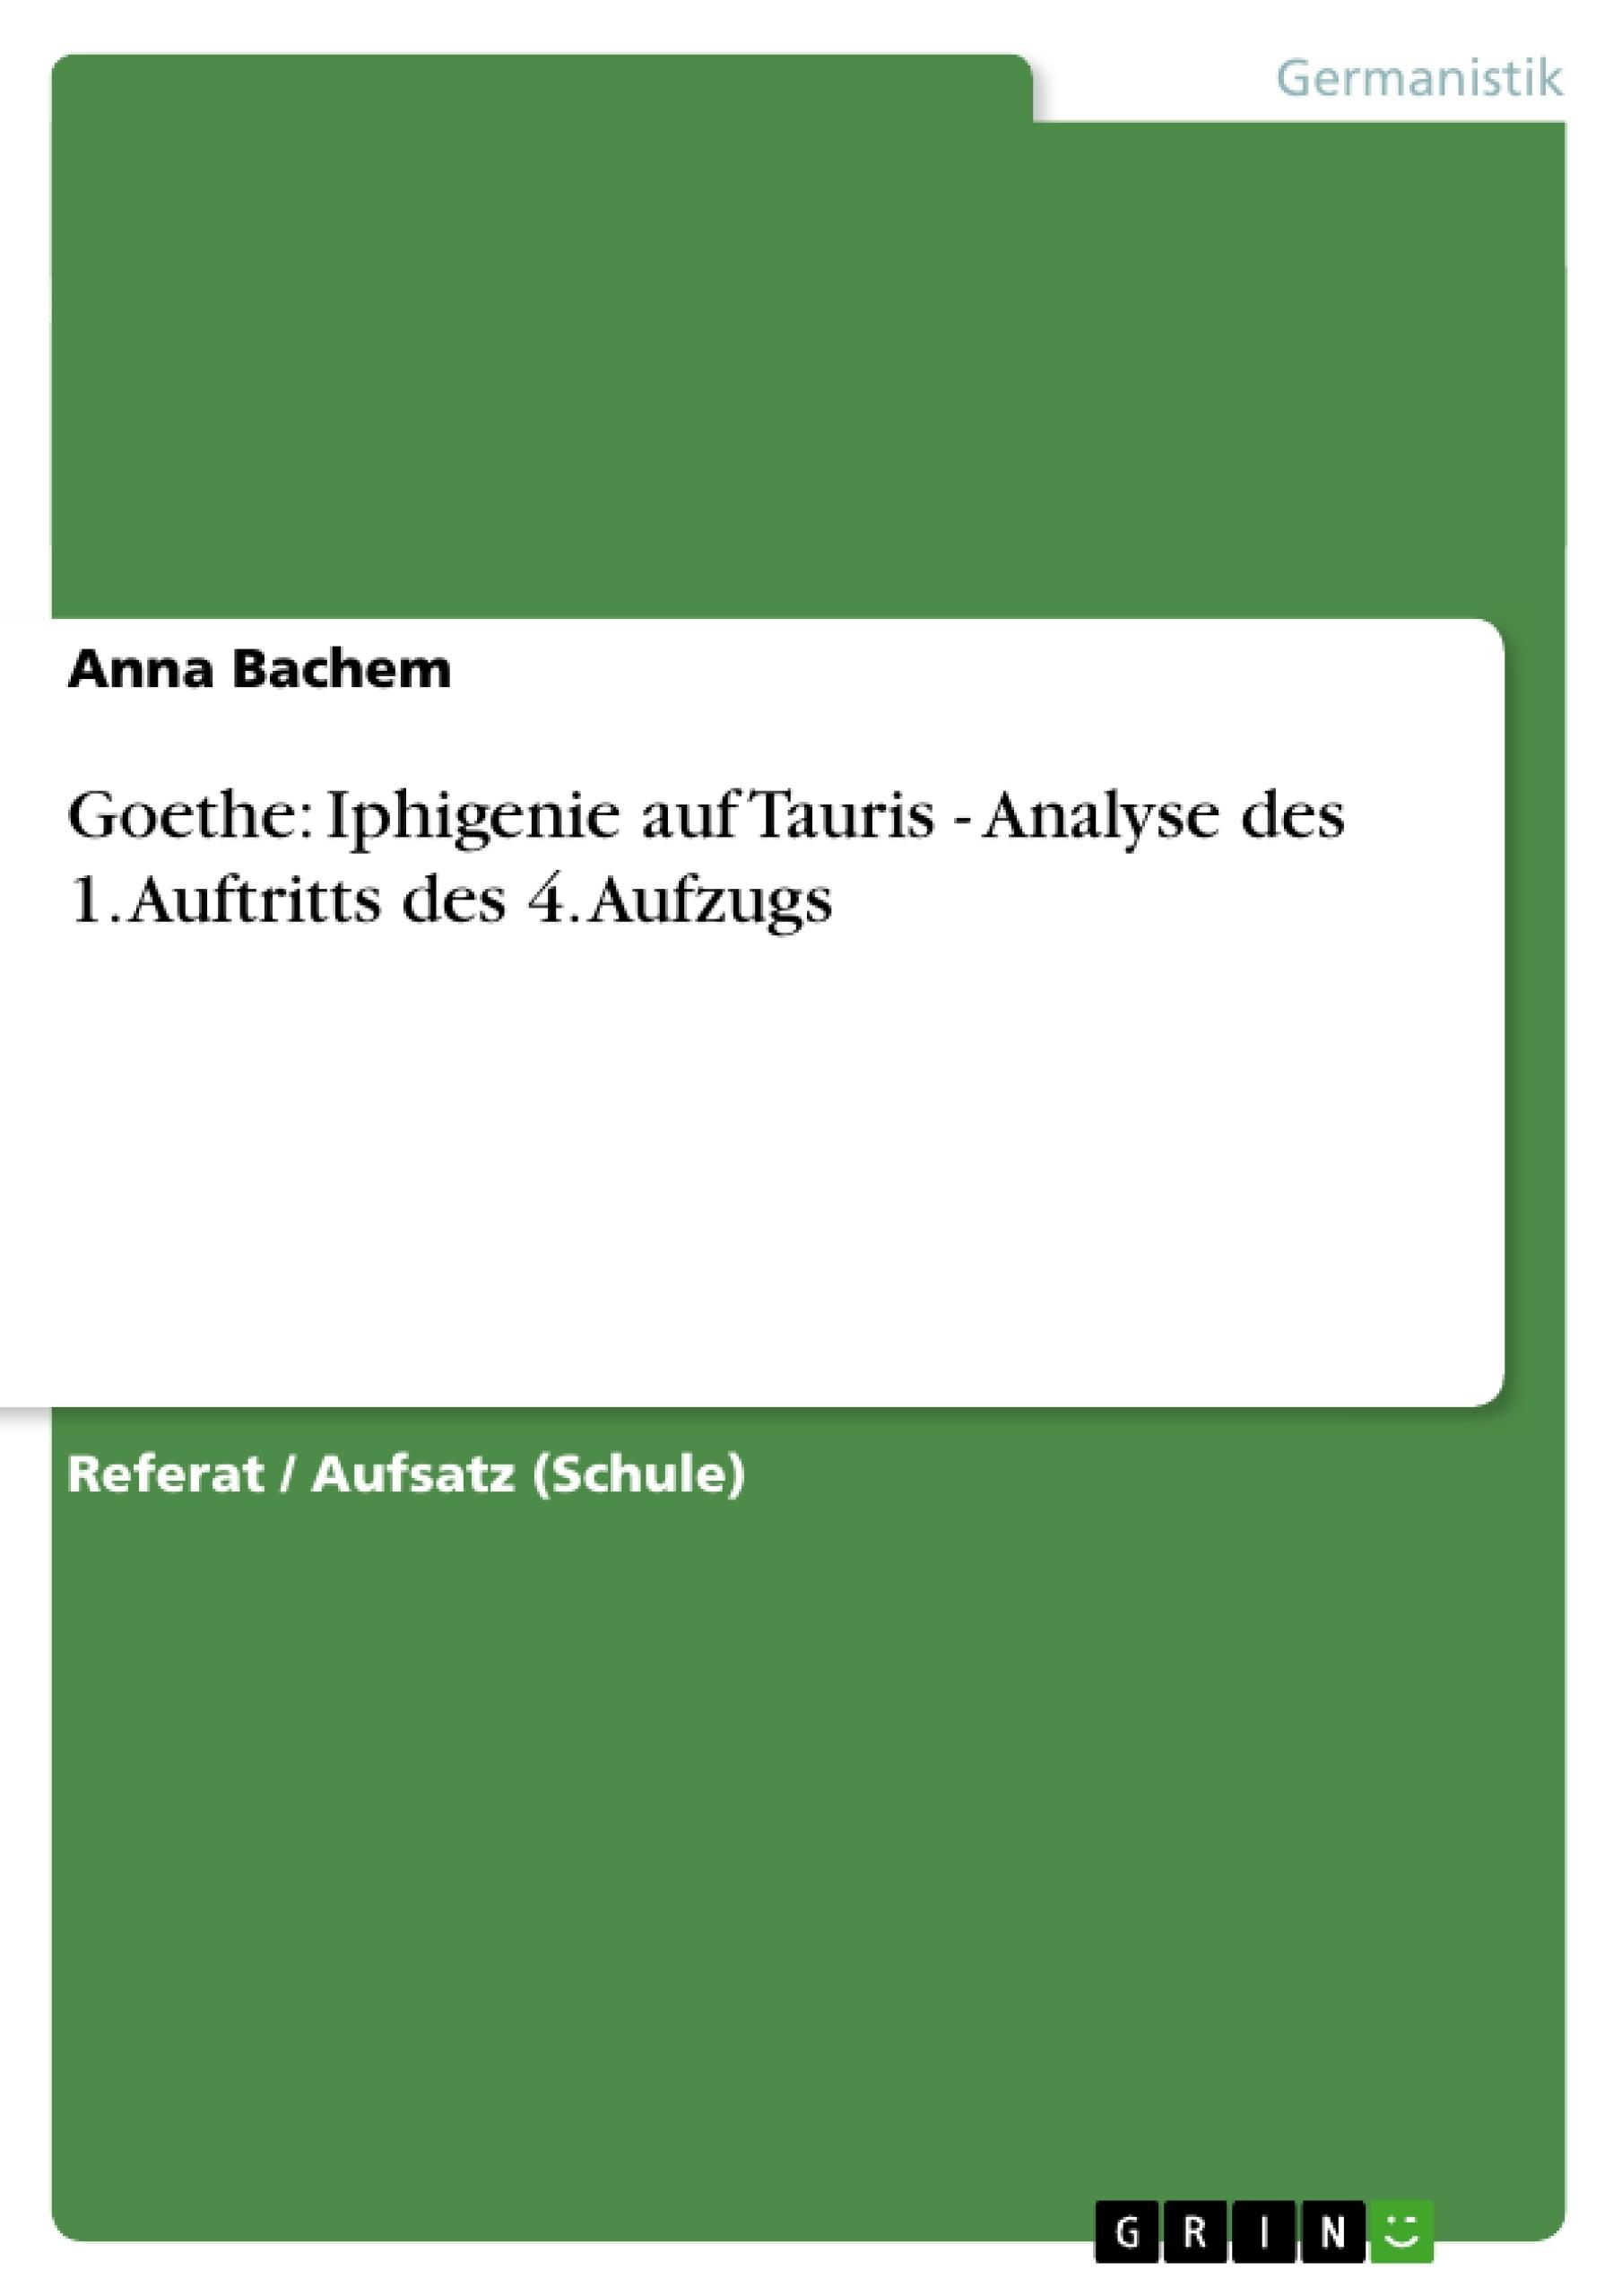 Titel: Goethe: Iphigenie auf Tauris - Analyse des 1. Auftritts des 4. Aufzugs